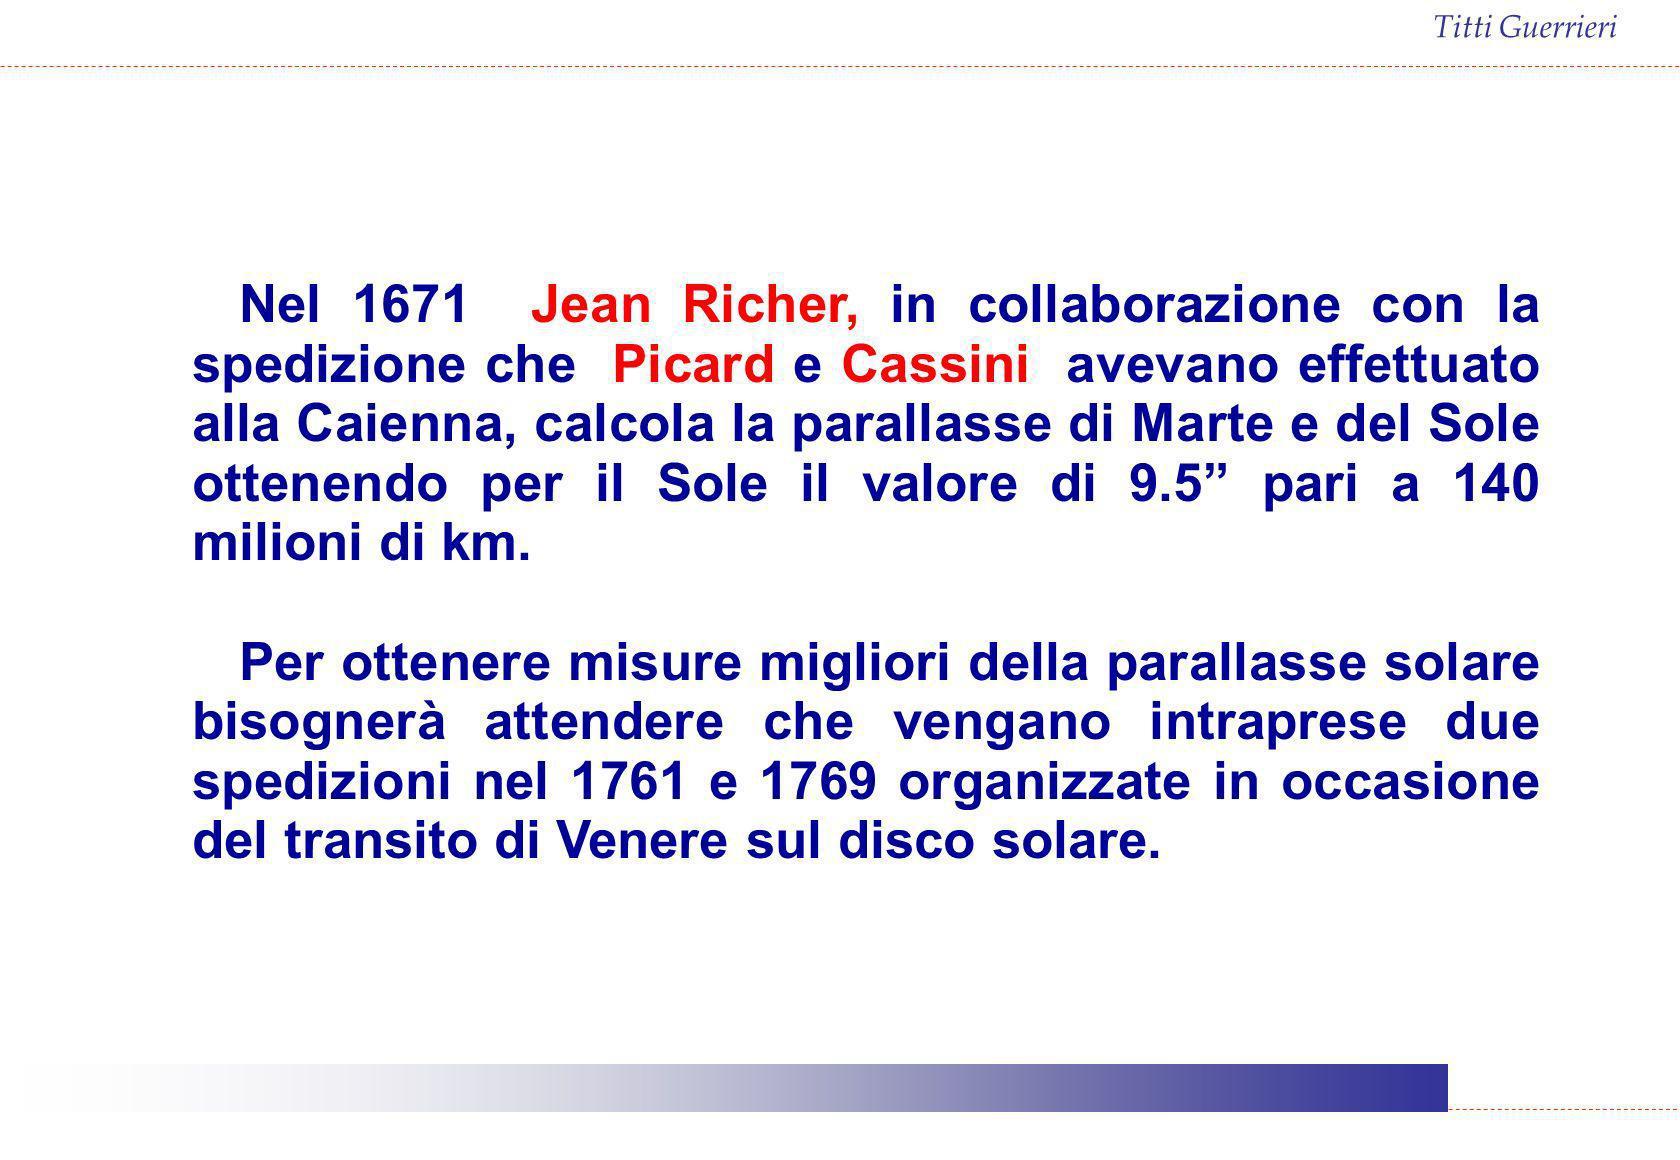 Titti Guerrieri Nel 1671 Jean Richer, in collaborazione con la spedizione che Picard e Cassini avevano effettuato alla Caienna, calcola la parallasse